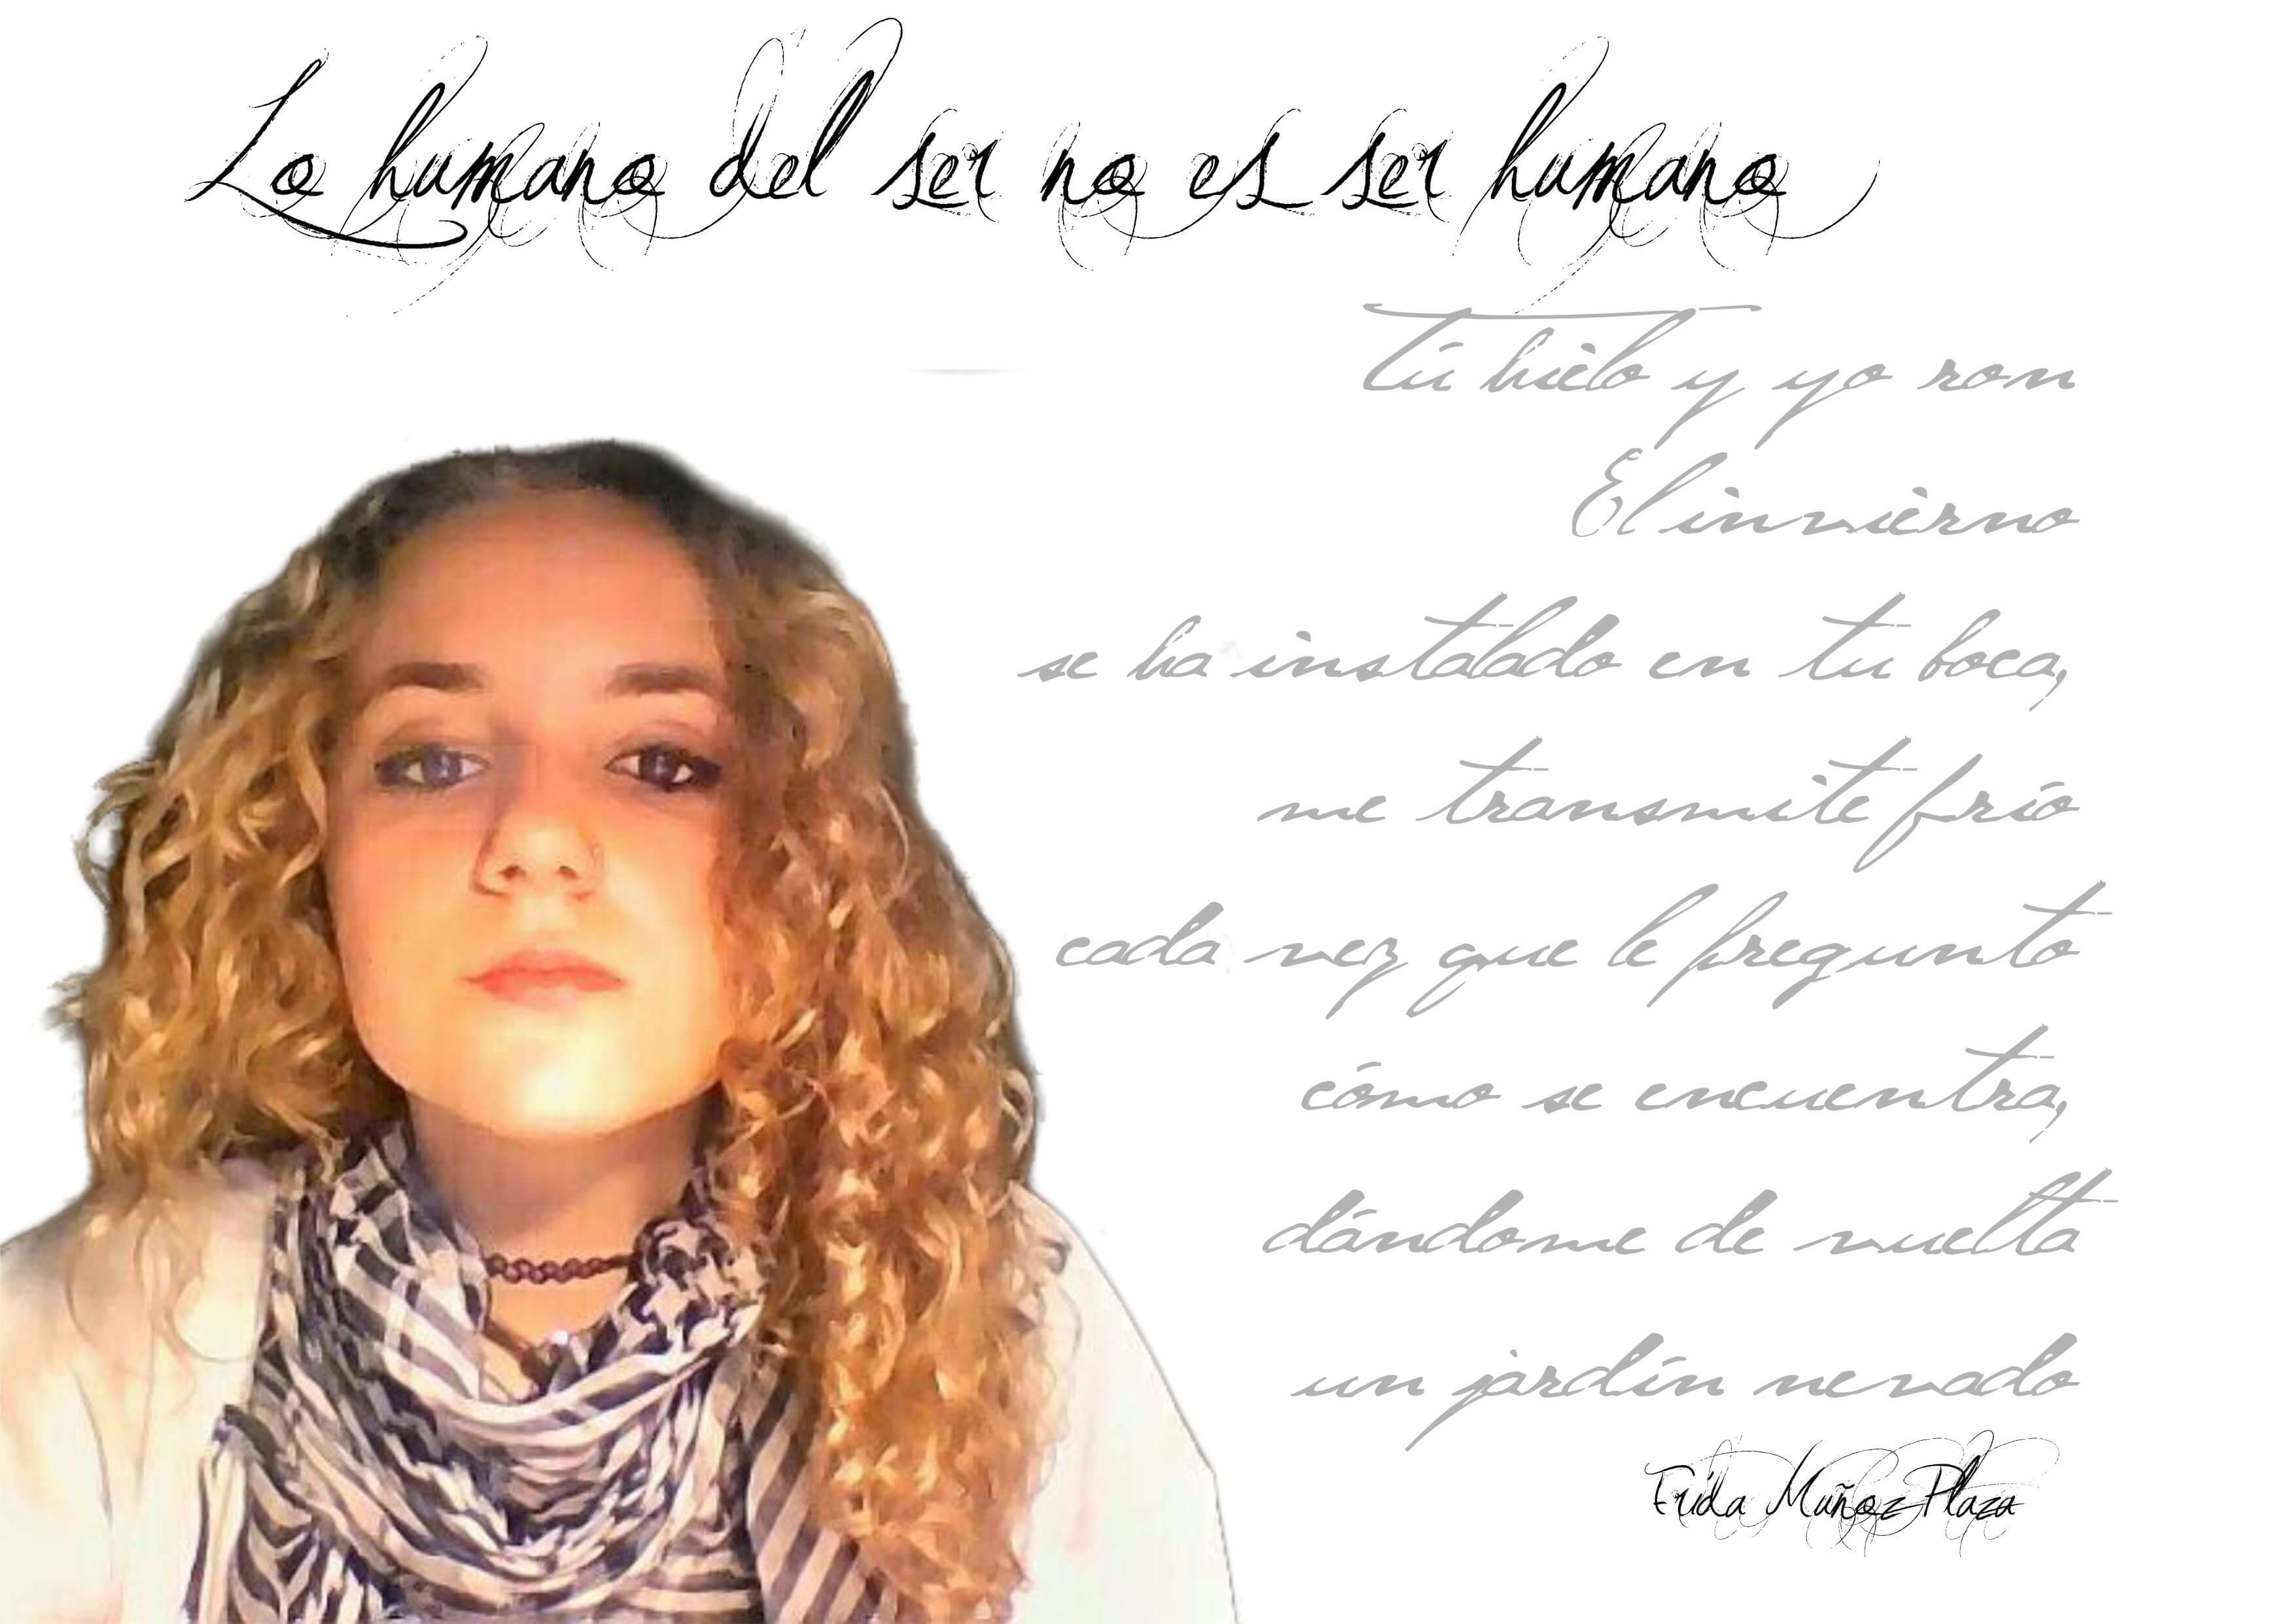 """Photo ofFrida Muñoz Plaza  - FichaAutor - Frida Muñoz Plaza: """"es ahora cuando el arte minoritario de la poesía está creciendo a una gran escala"""""""